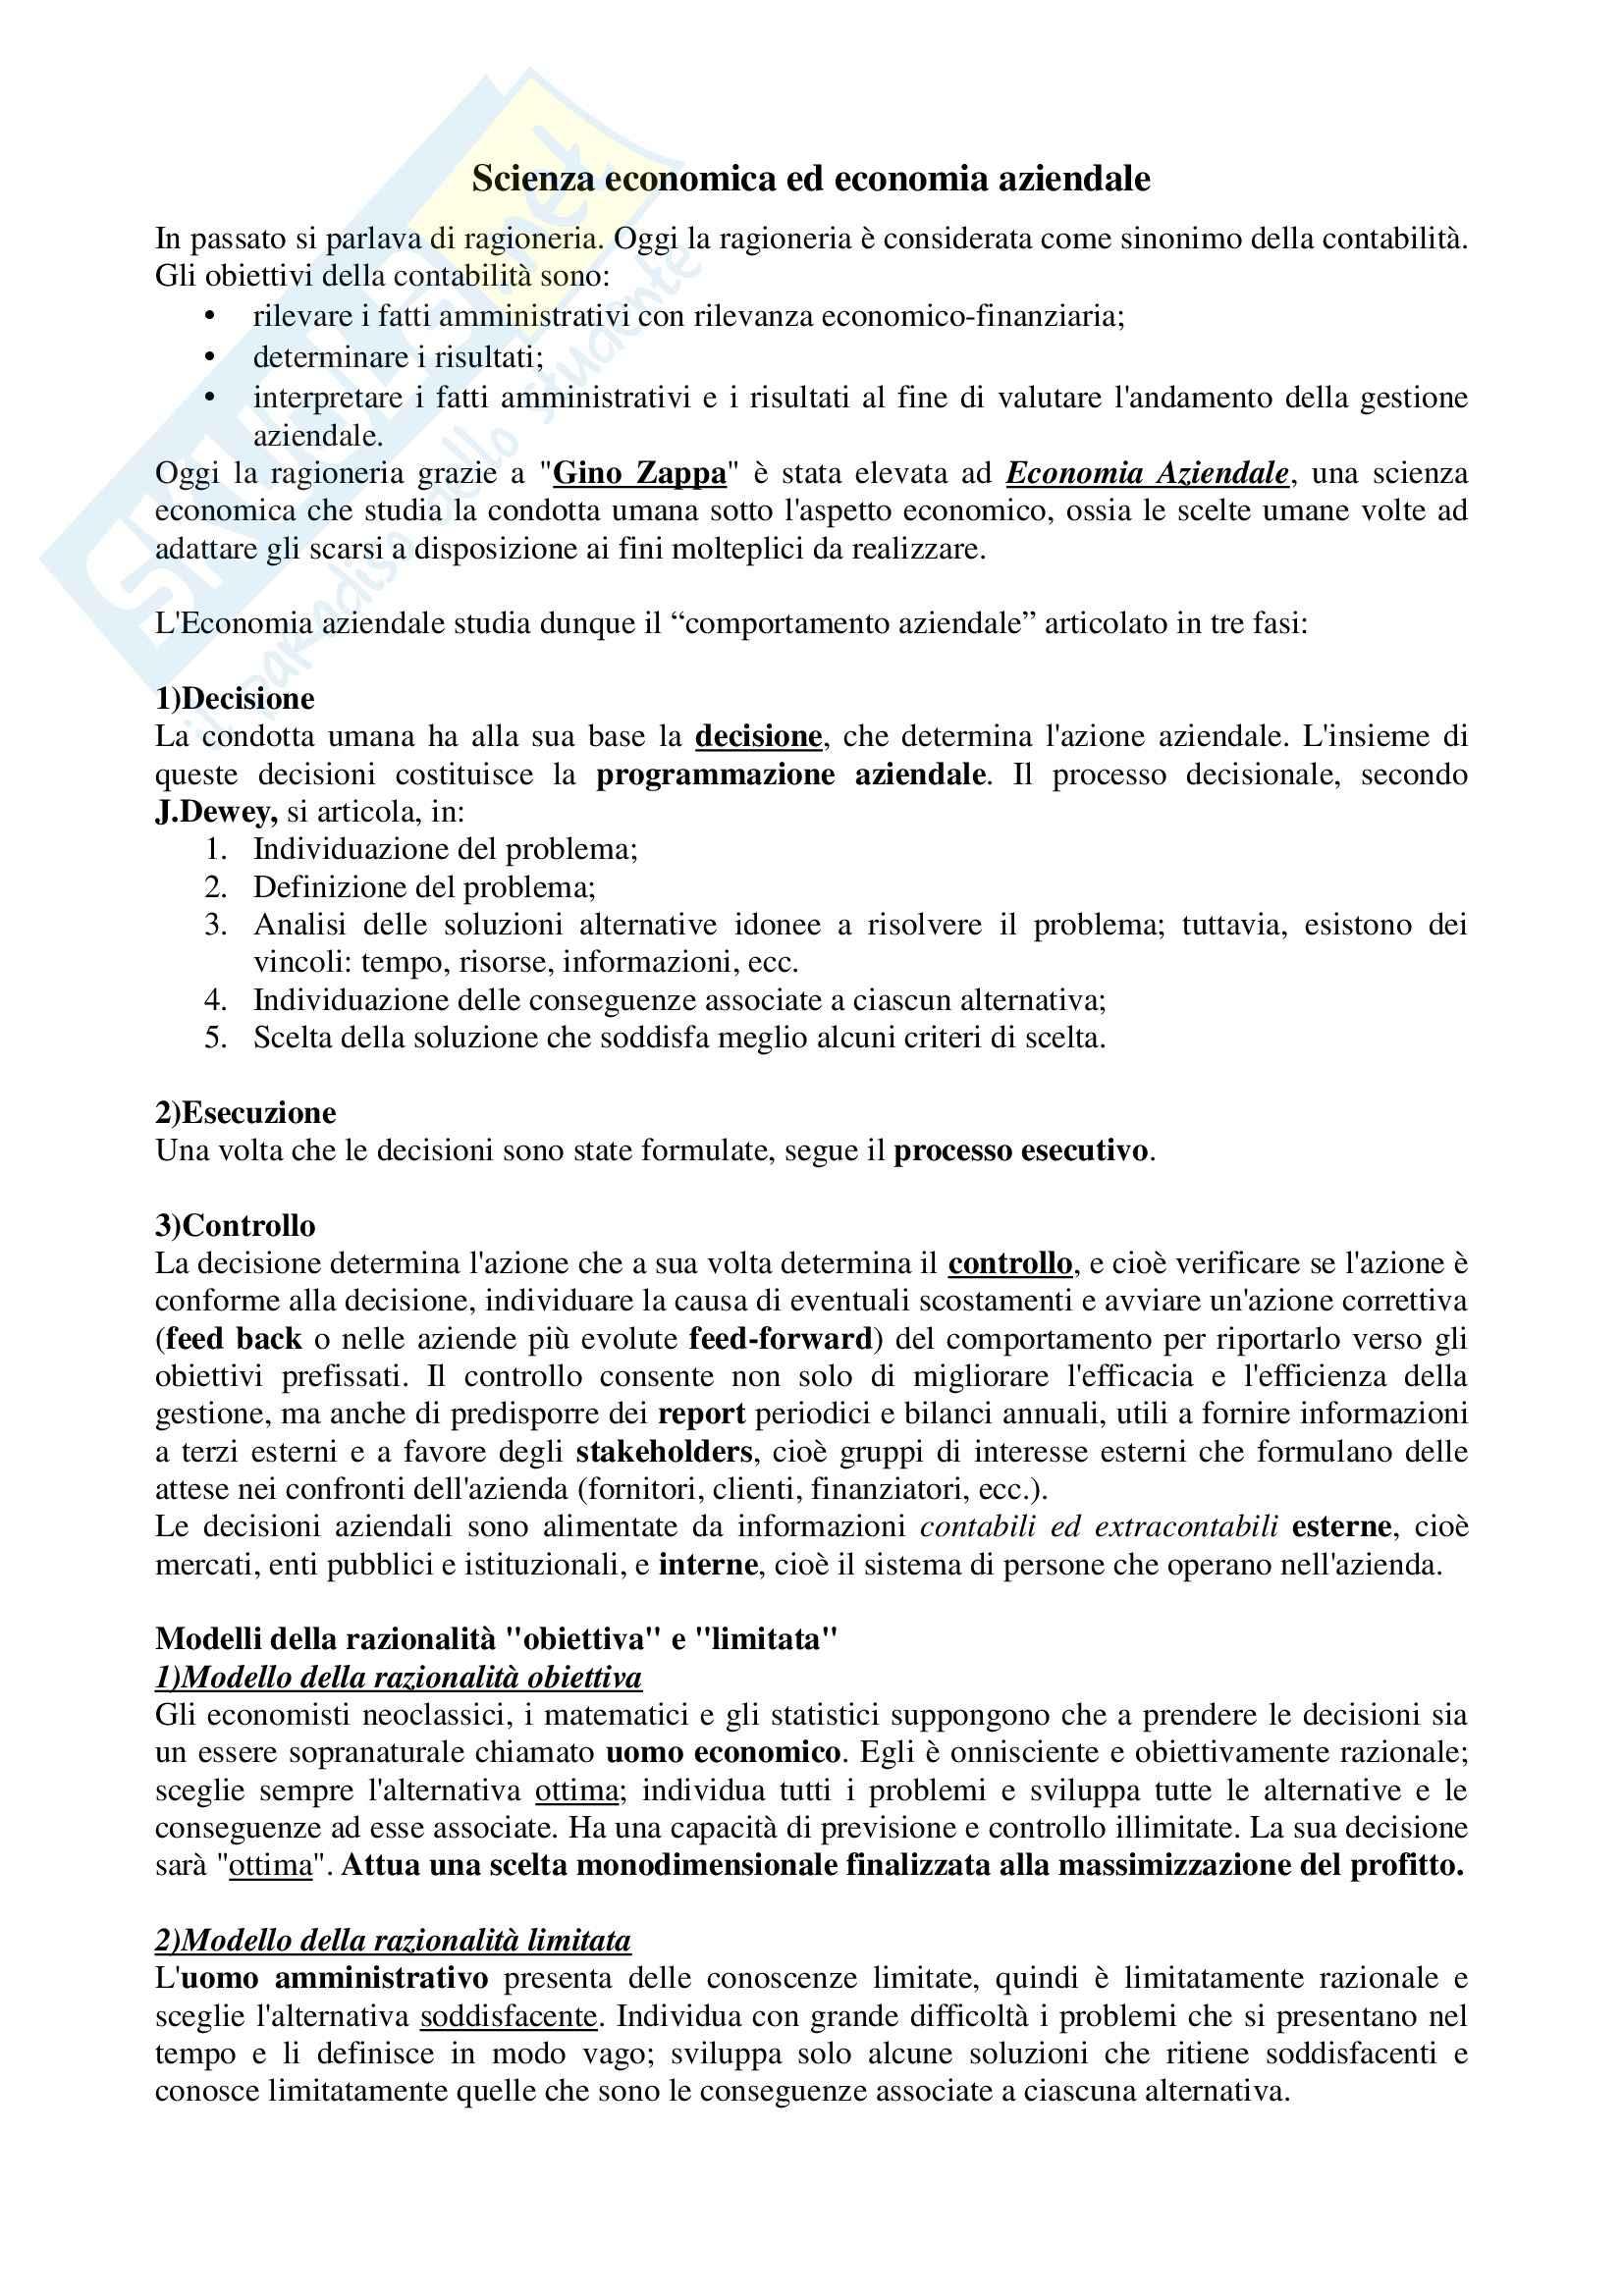 Lineamenti di economia aziendale, Zanda - Appunti